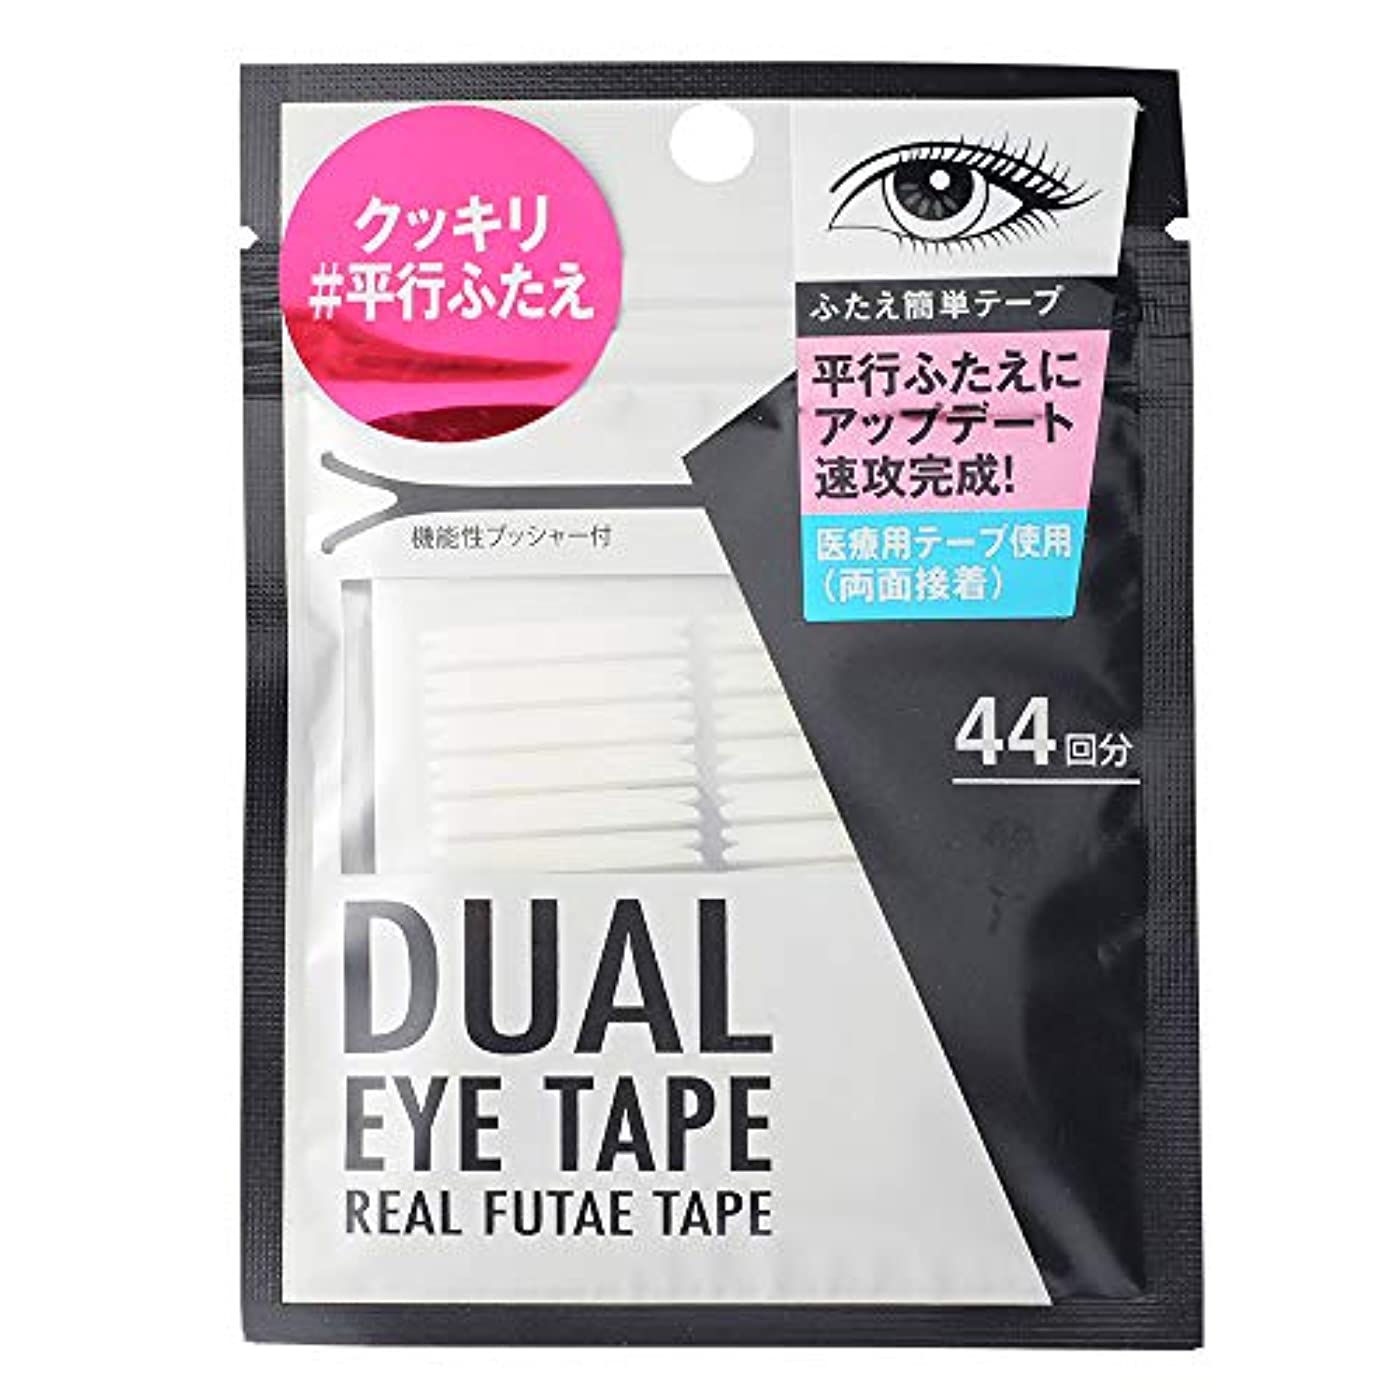 船乗り感覚発見デュアルアイテープ (平行ふたえ両面接着テープ) (44回分)